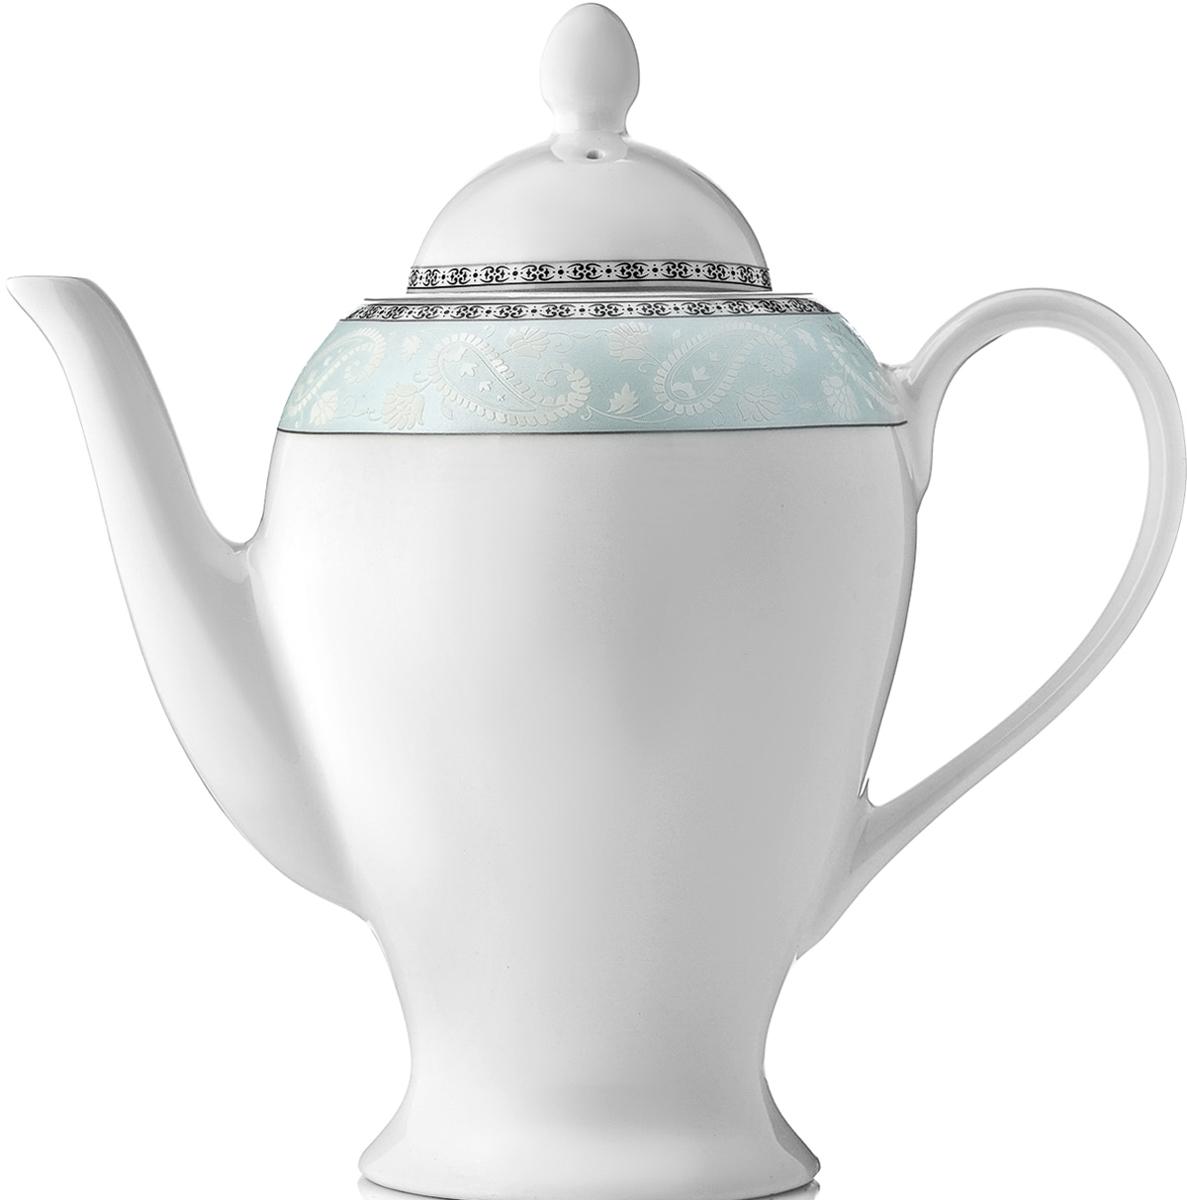 Чайник заварочный Esprado Arista Blue, 920 млARBL92BE306Чайник заварочный Esprado Arista Blue изготовлен из высококачественного костяногофарфора с глазурованным покрытием, которое обеспечивает легкую очистку. Изделие прекрасноподходит для заваривания вкусного и ароматного чая, а также травяных настоев. Оригинальныйдизайн сделает чайник настоящим украшением стола. Он удобен в использовании и понравитсякаждому.